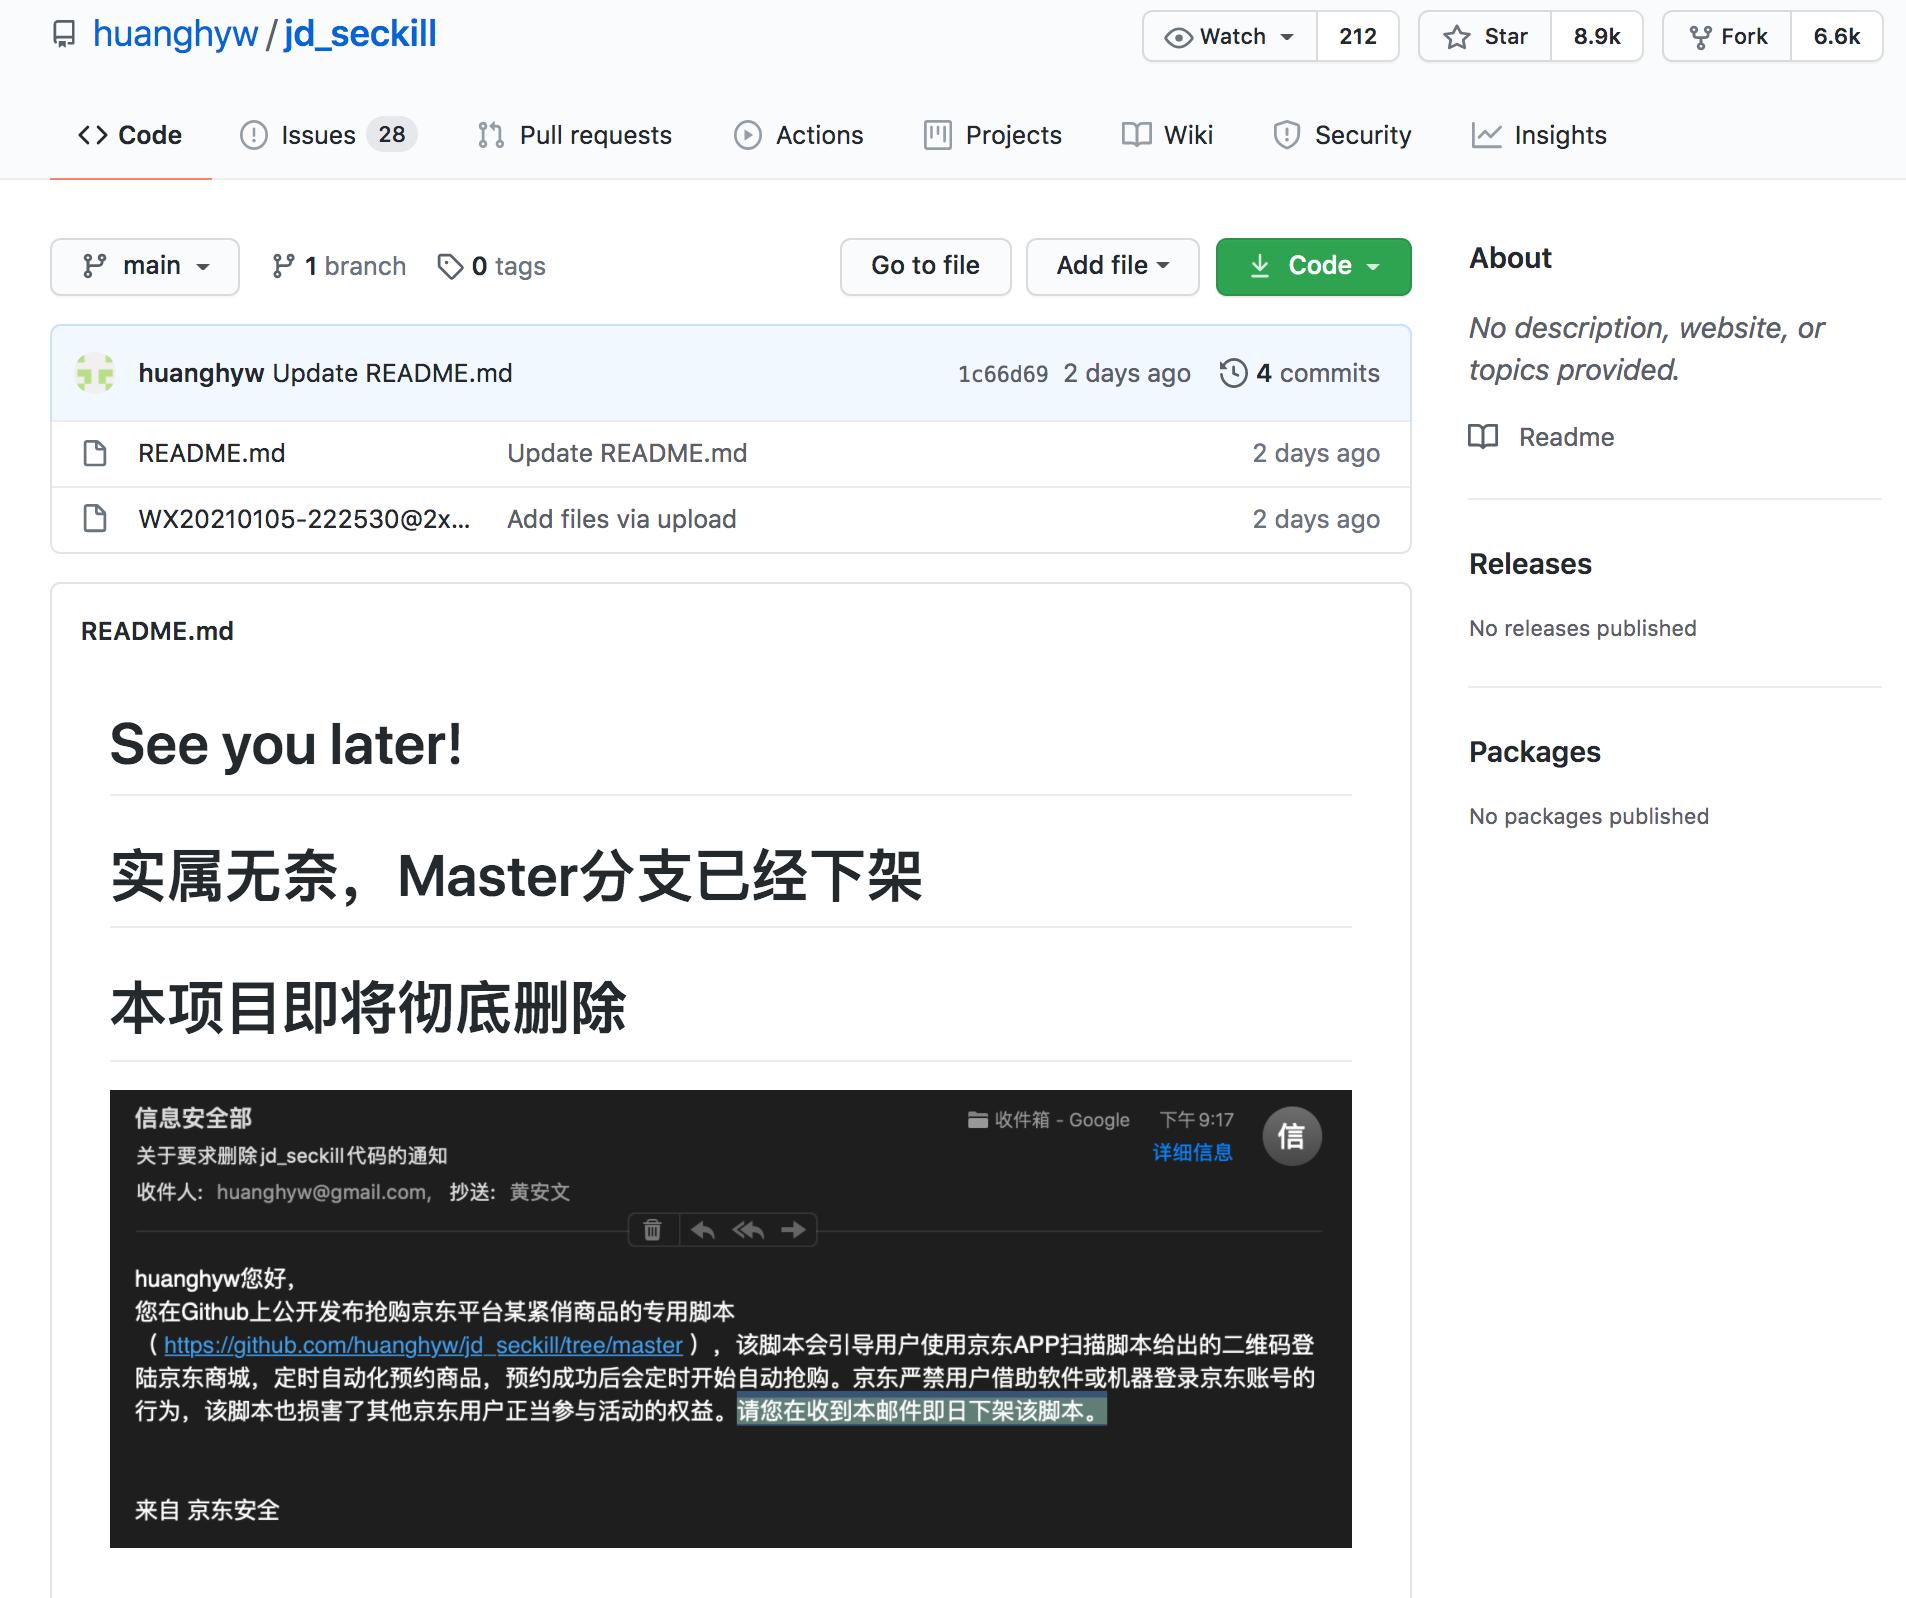 吊打jd_seckill,Go语言版免配置抢茅台程序,实力接盘~插图